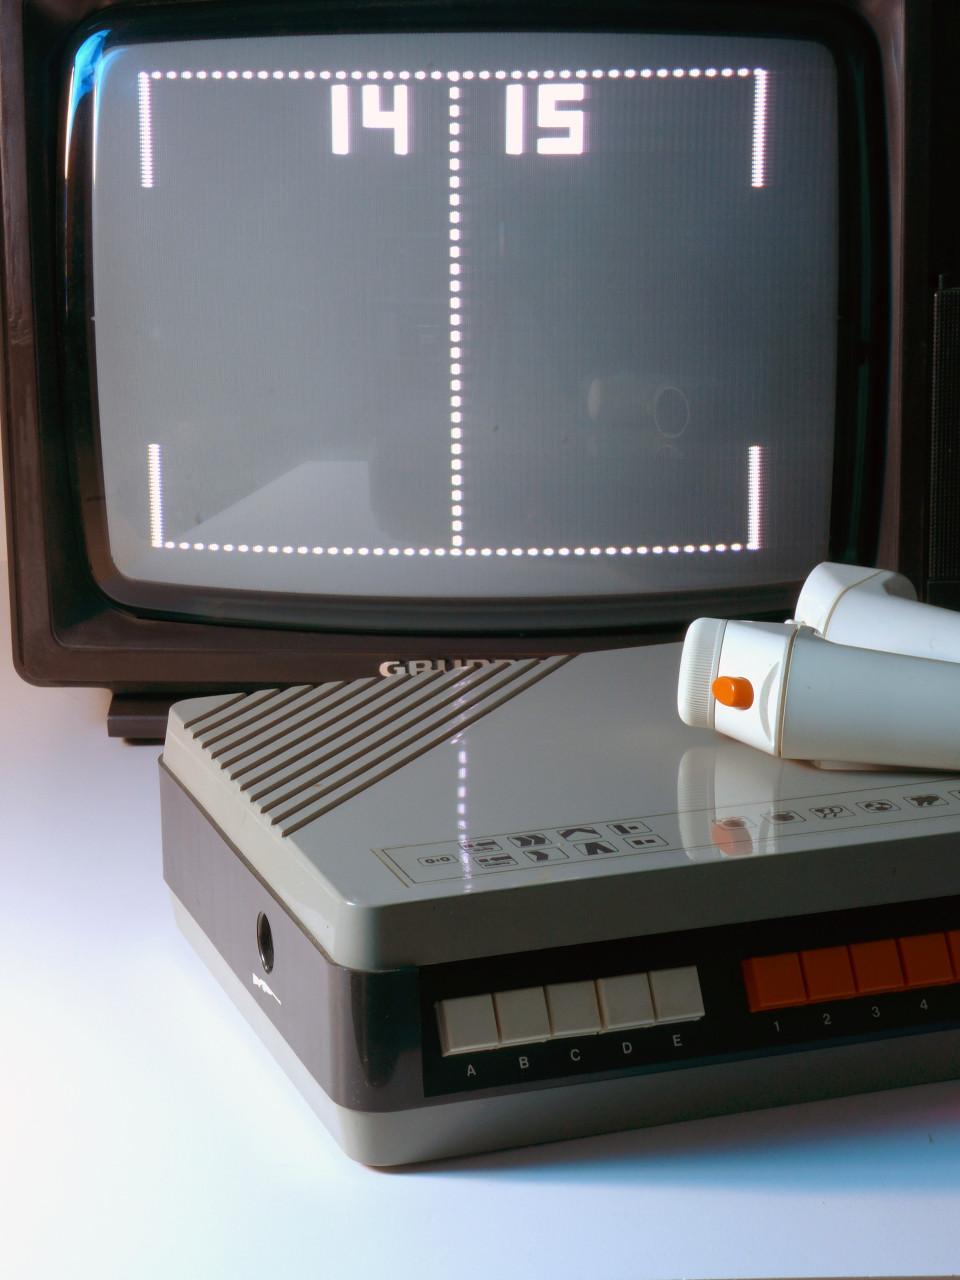 Universum-Telespiel von 1978: Ein Pong-Klon vom Quelle-Versand. (Bild: Constantin Gillies)